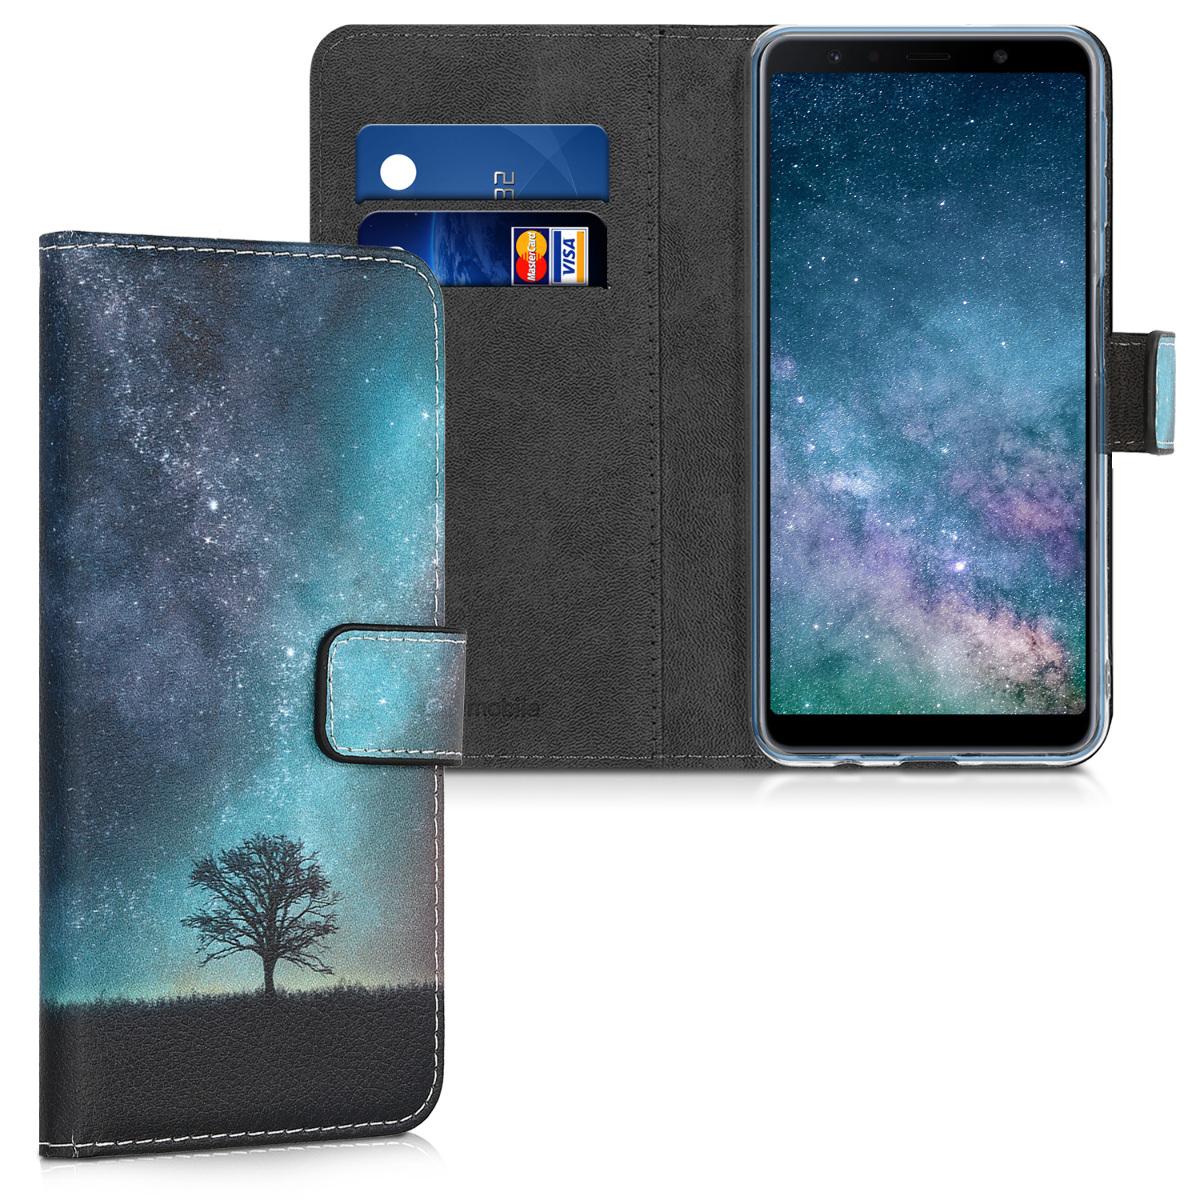 KW Θήκη Πορτοφόλι Samsung Galaxy A7 (2018) - Blue / Grey / Black (46427.02)